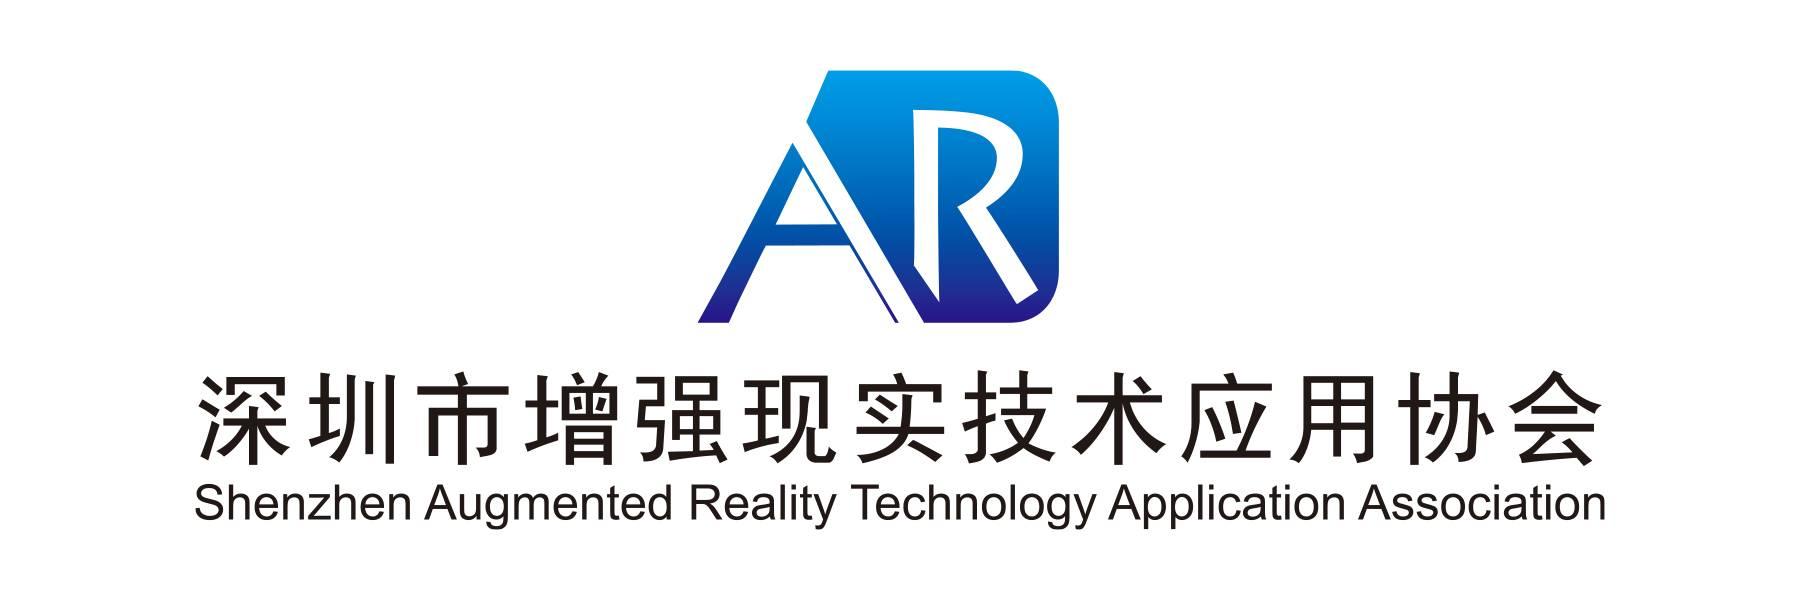 深圳市增強現實技術應用協會